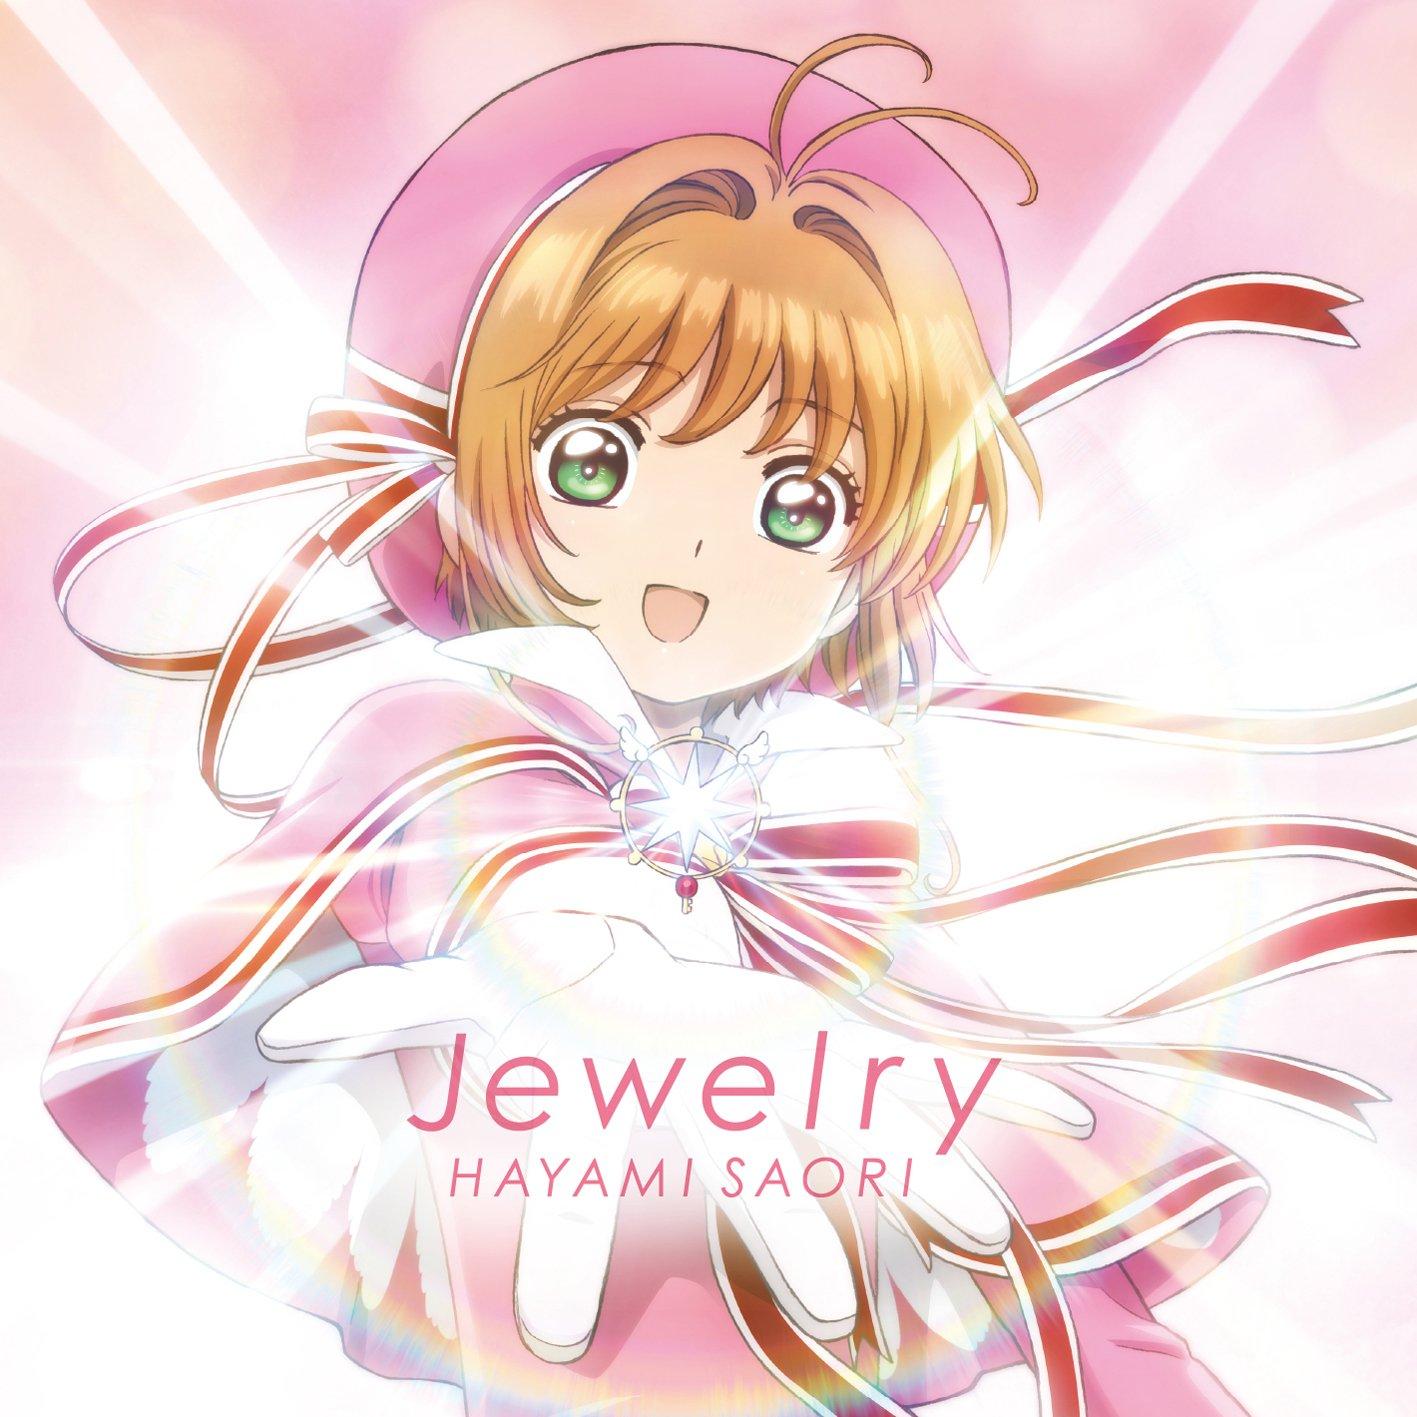 早見沙織/Jewelry(「カードキャプターさくら クリアカード編」EDテーマ)(通常盤)